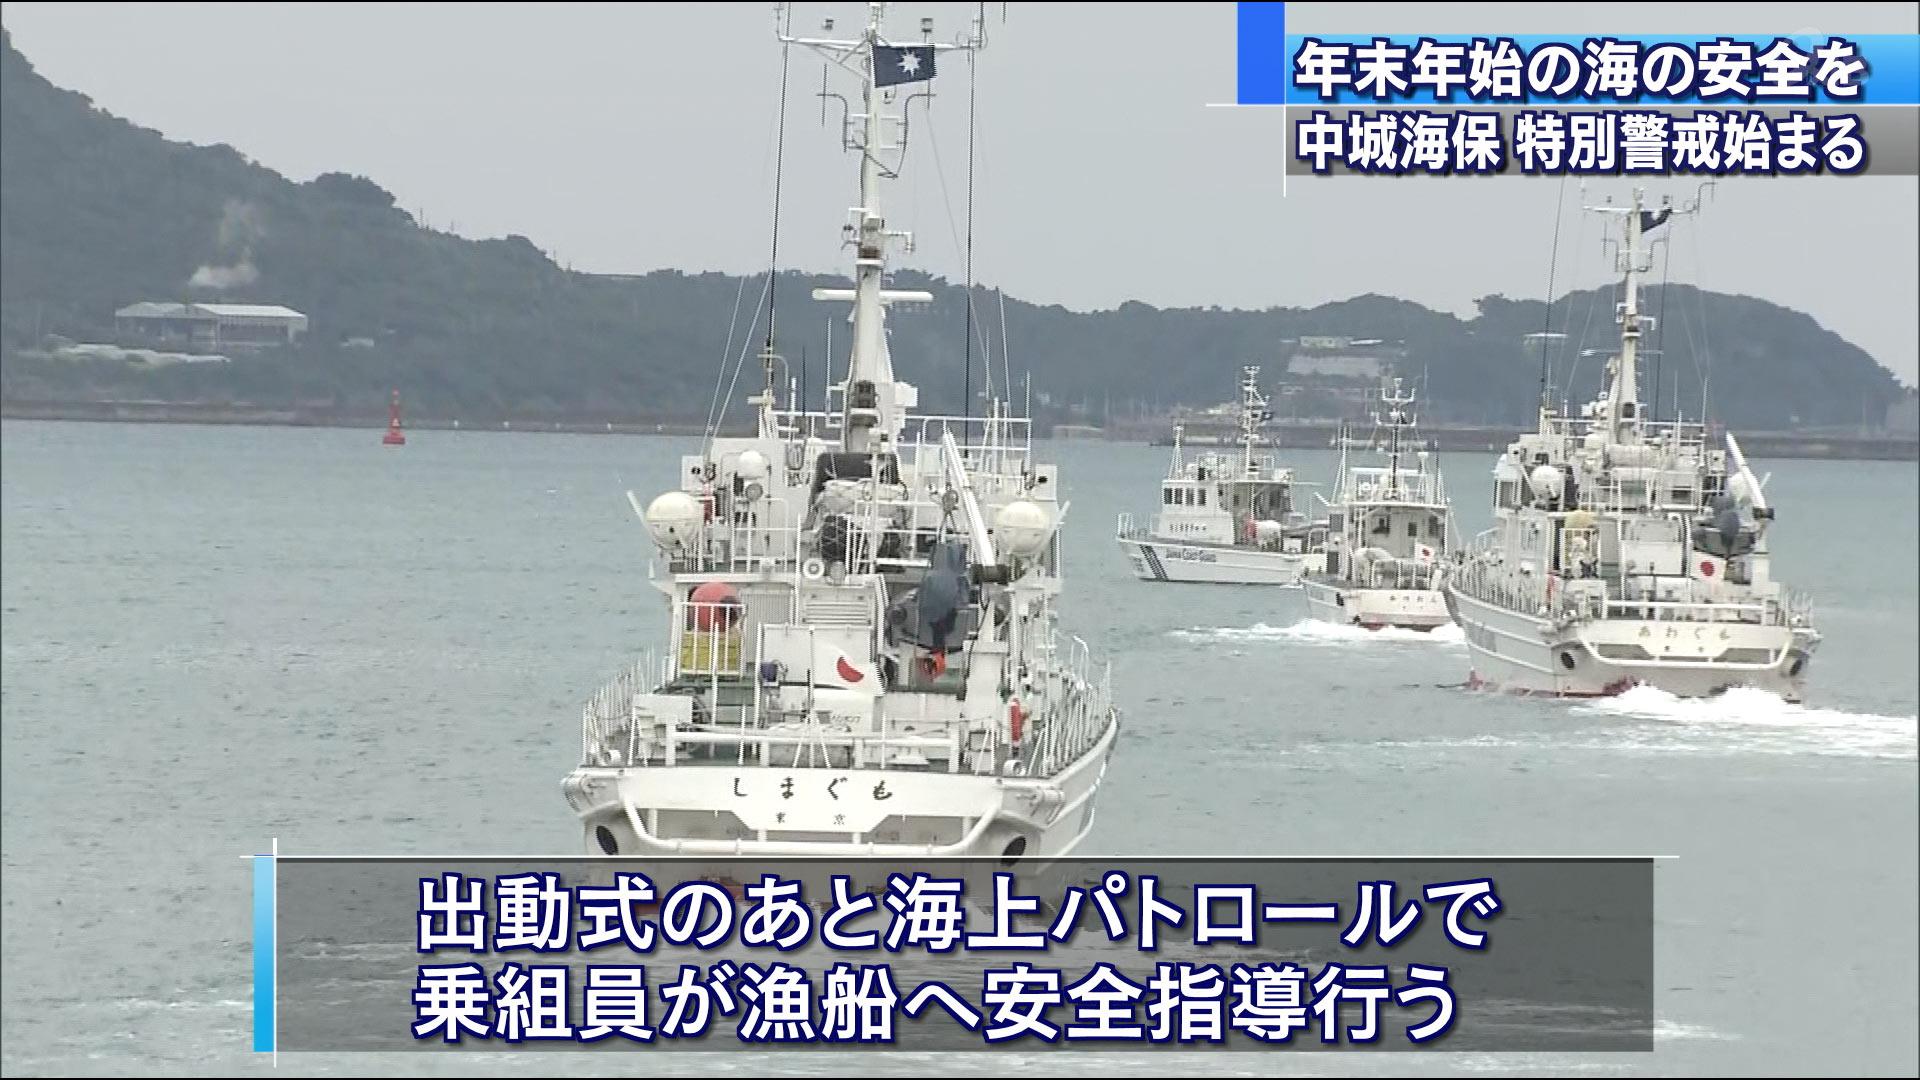 中城海上保安部で年末年始特別警戒を実施